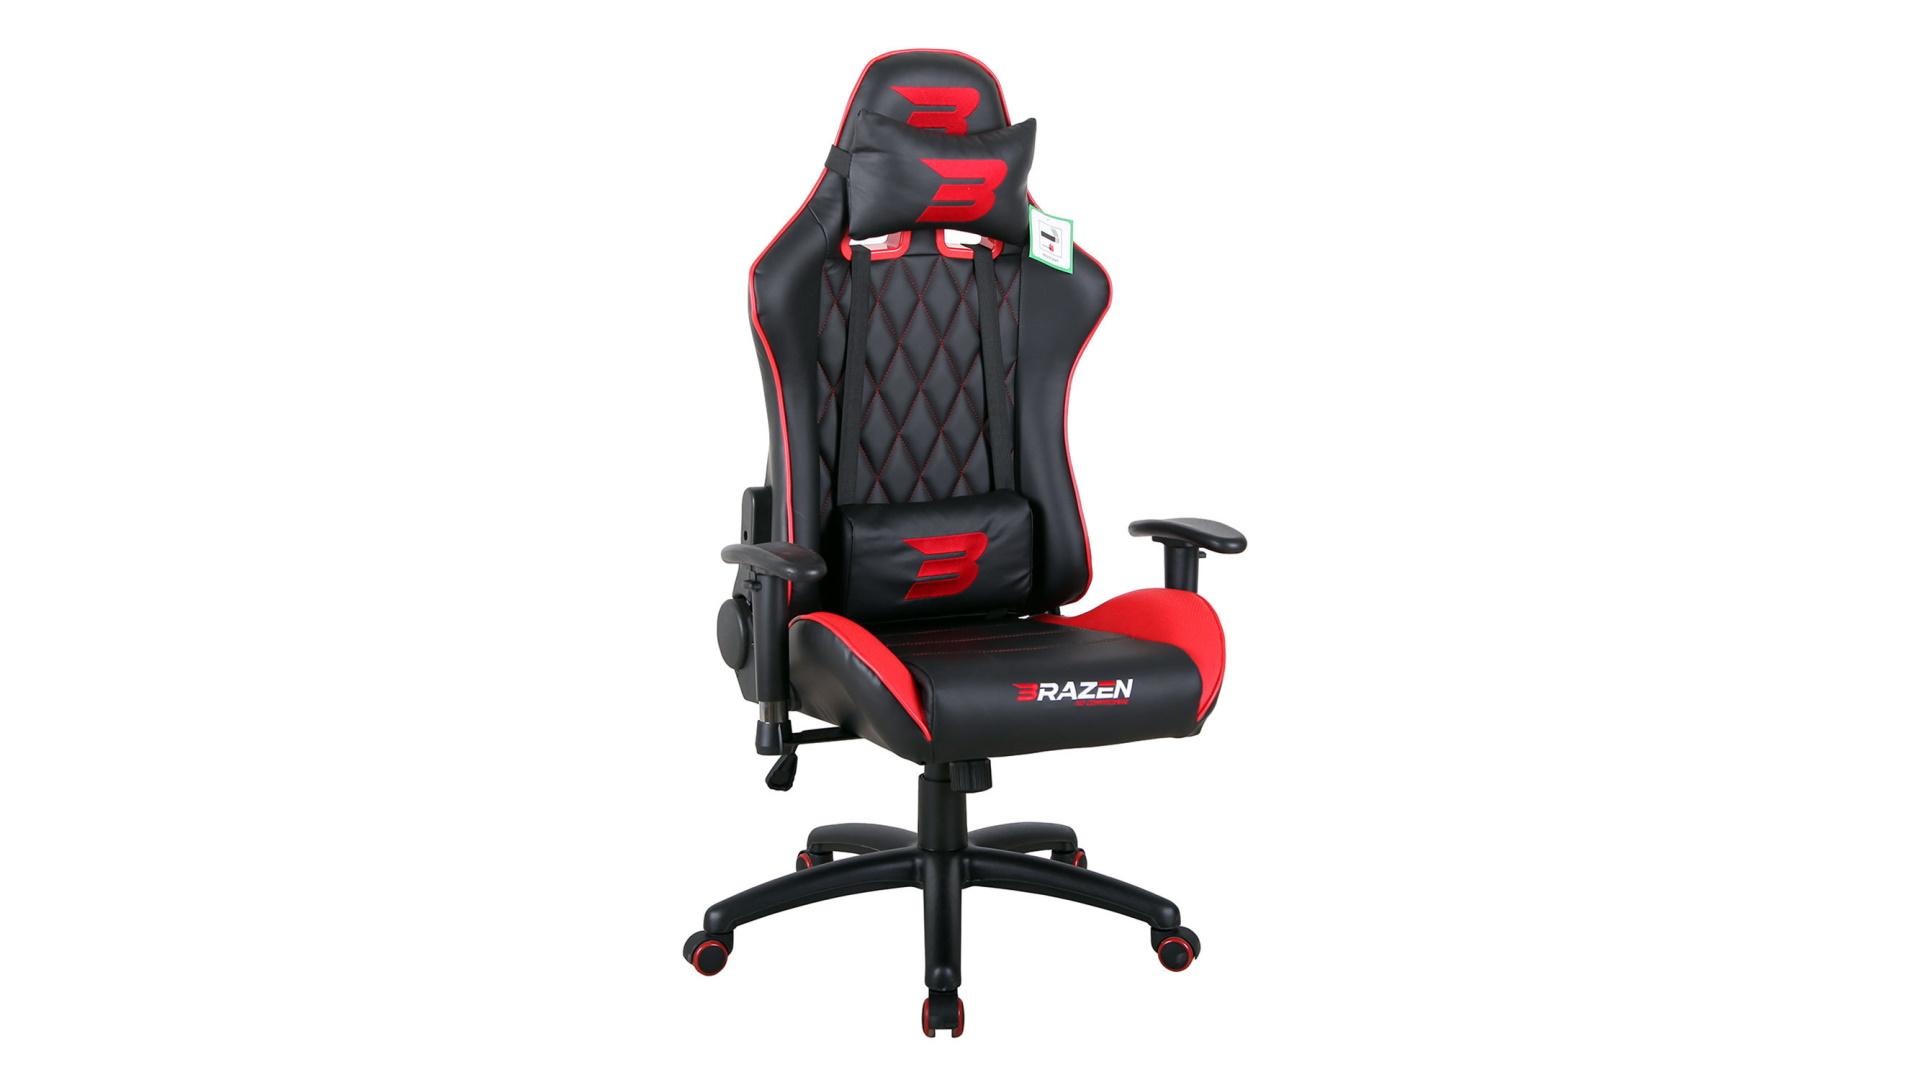 cheap gaming chair sales deals